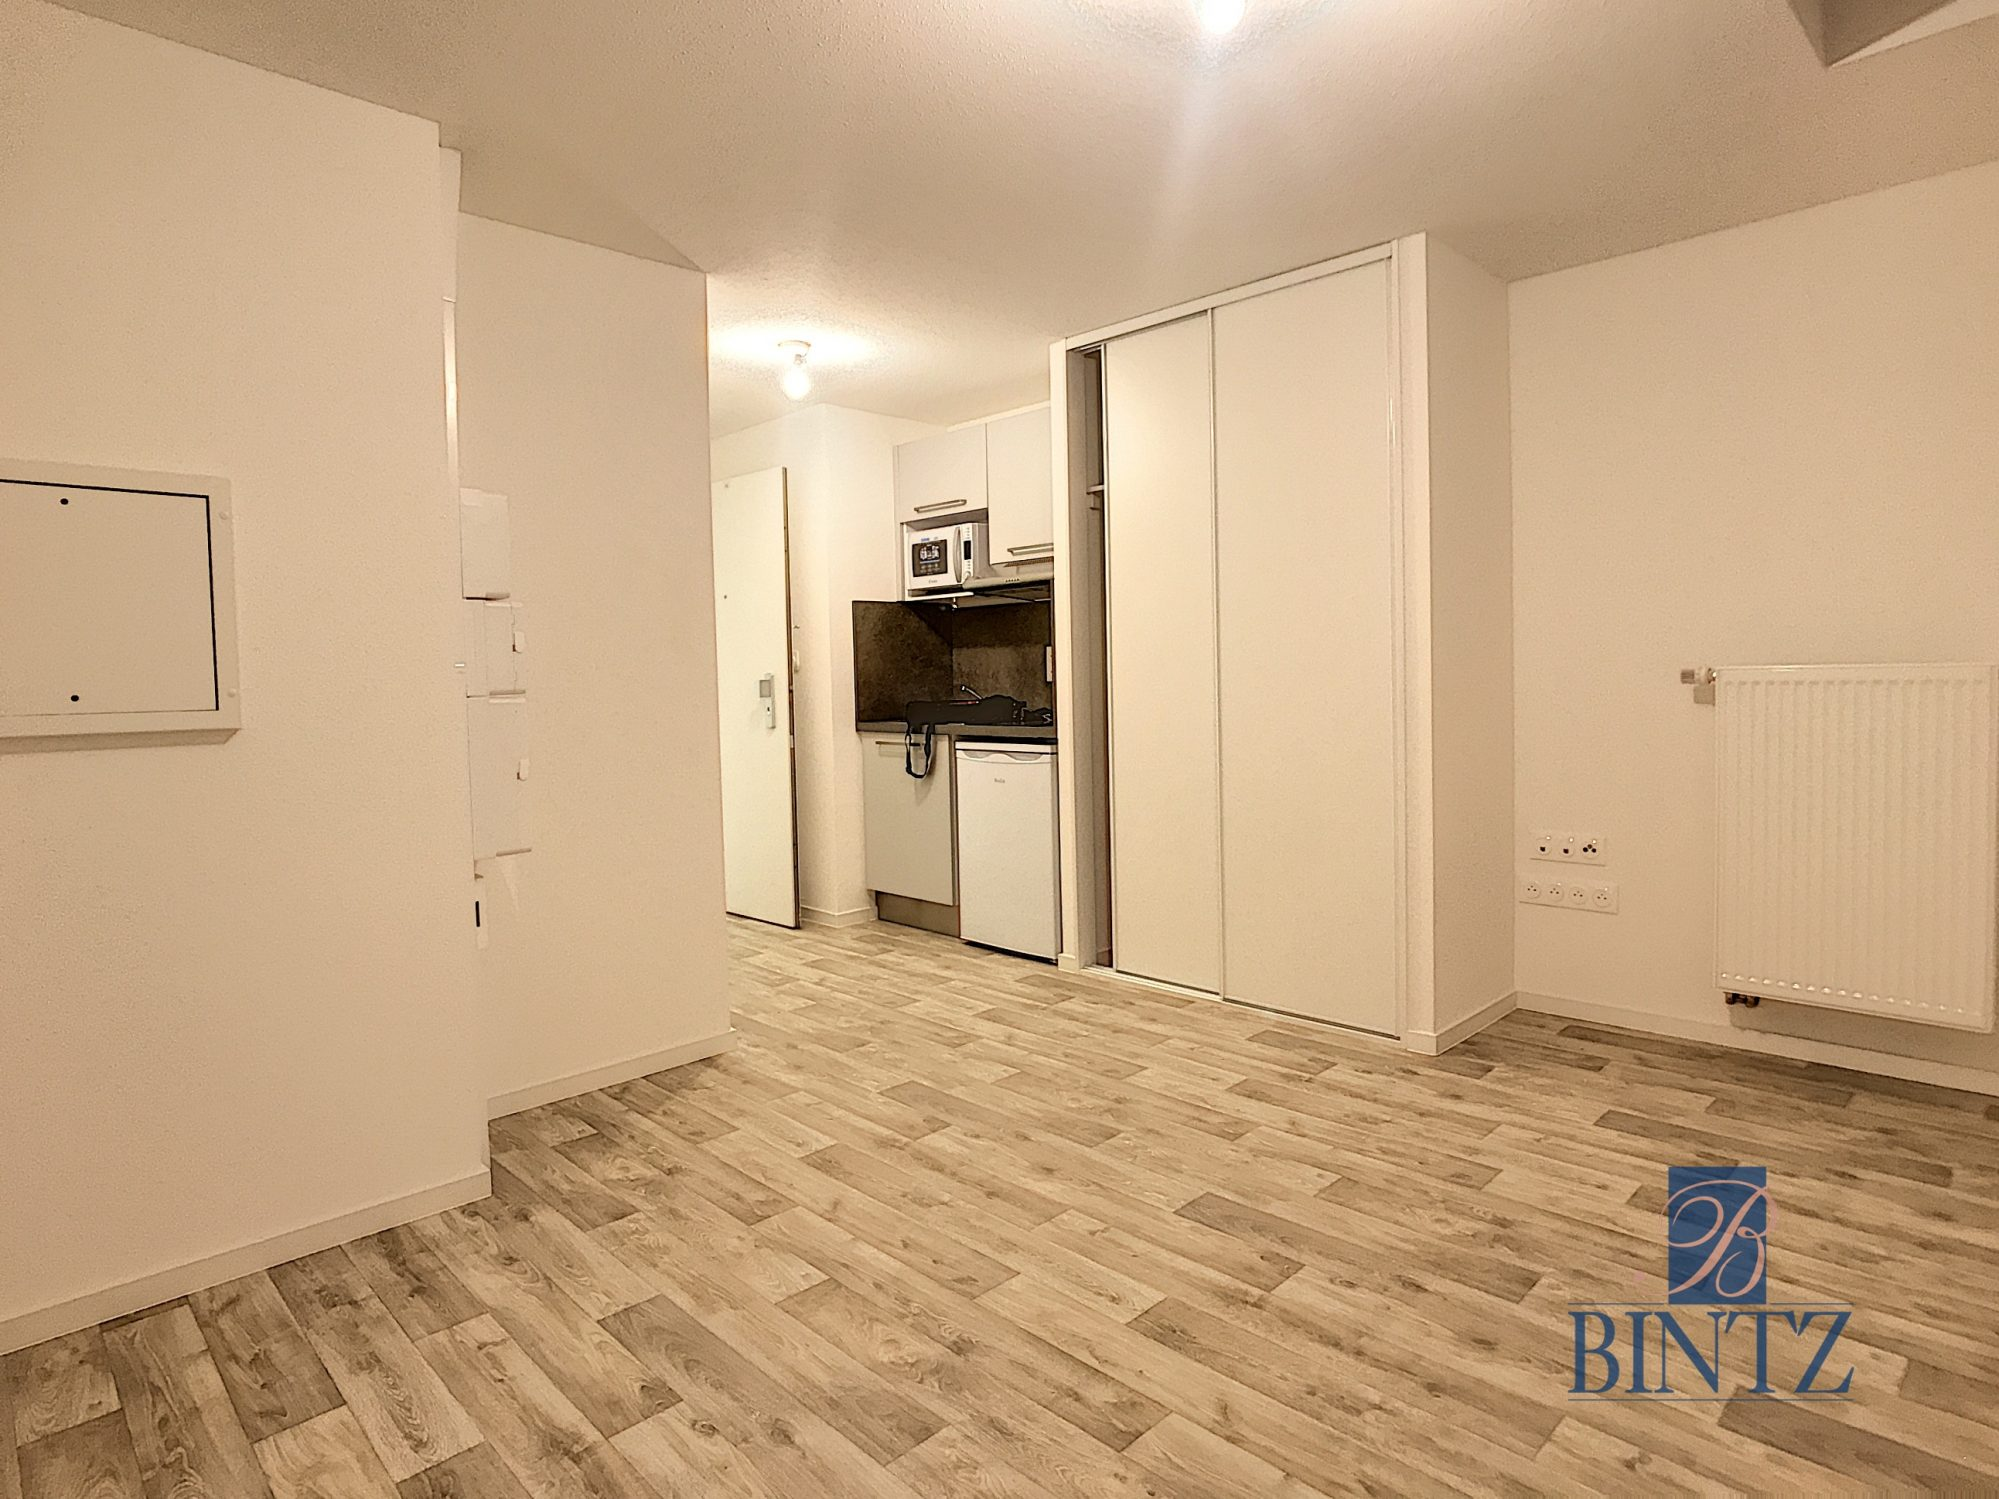 Studio dans résidence neuve - Devenez locataire en toute sérénité - Bintz Immobilier - 1